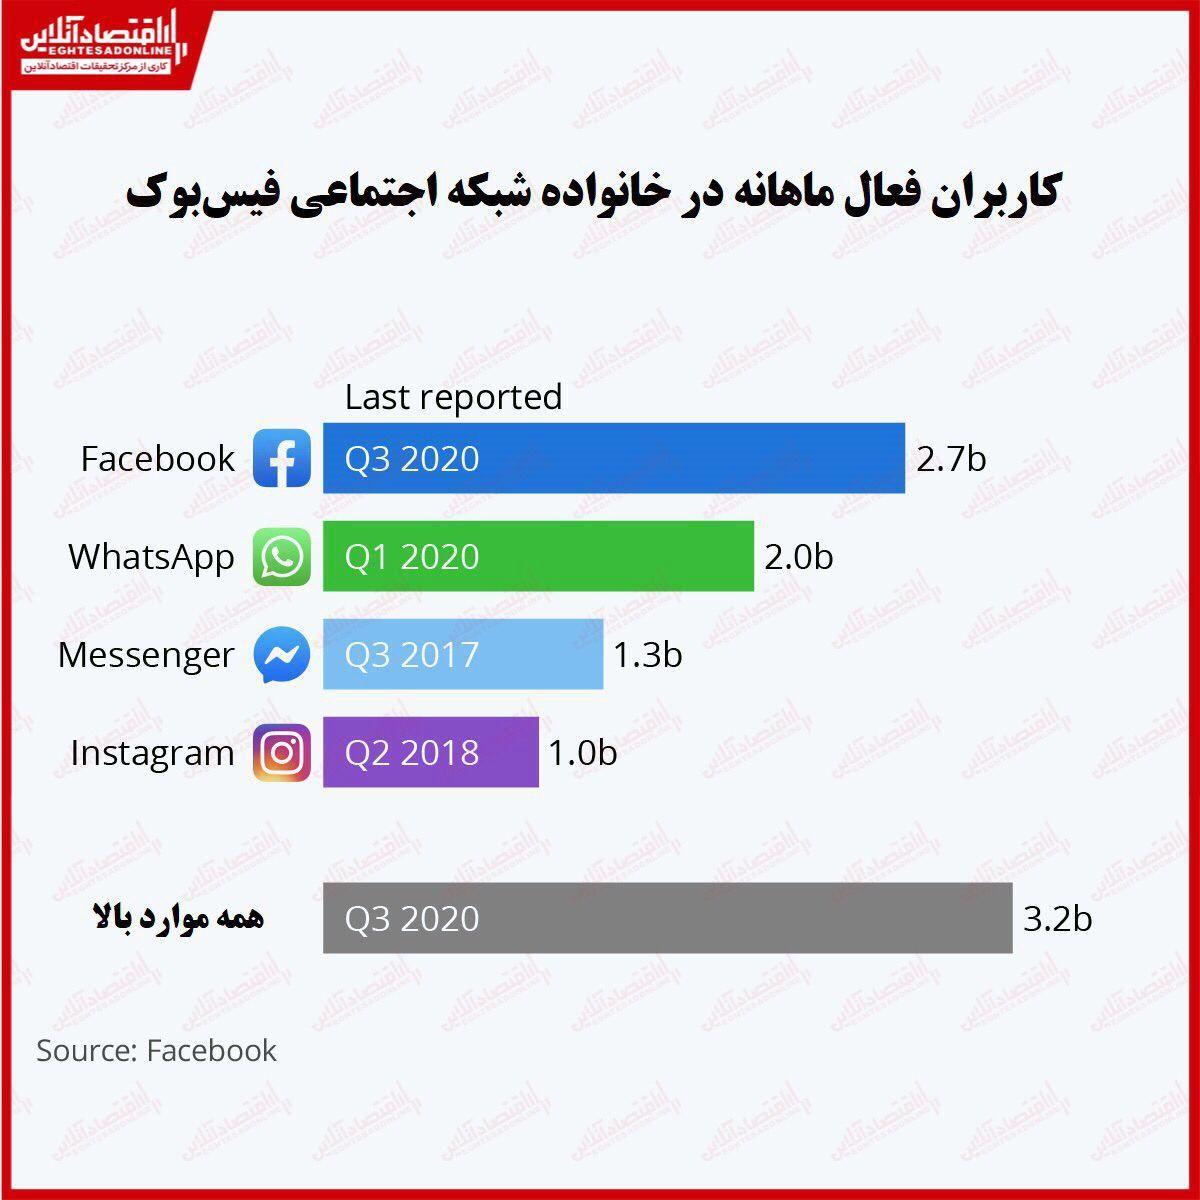 خانواده فیسبوک چقدر کاربر فعال دارد؟